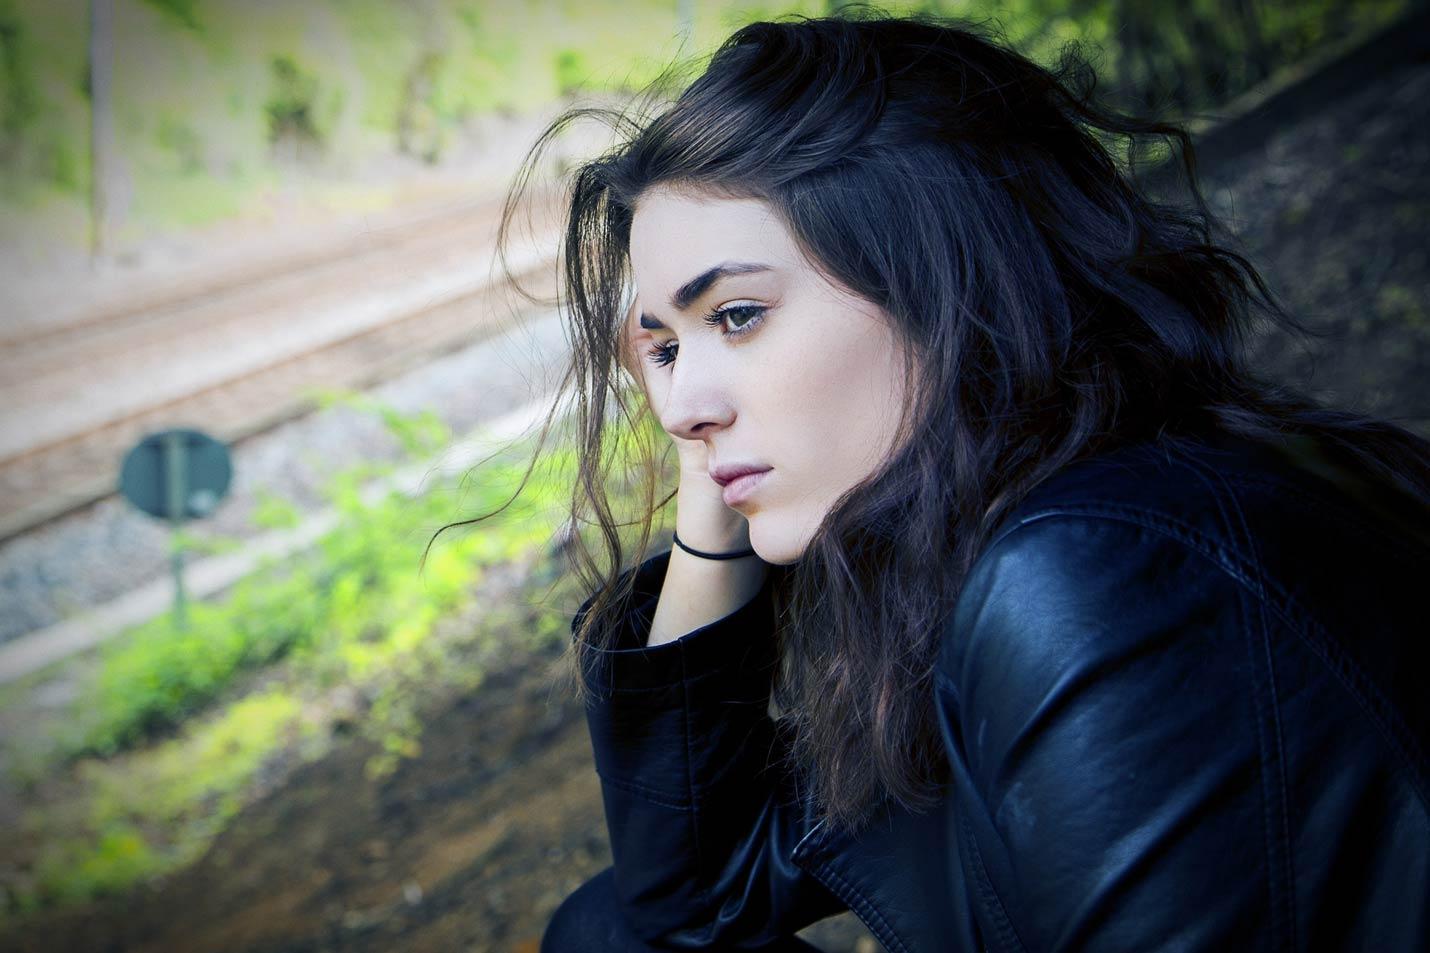 Αίτια Γυναικείας Υπογονιμότητας: Ποια είναι και πώς αντιμετωπίζονται